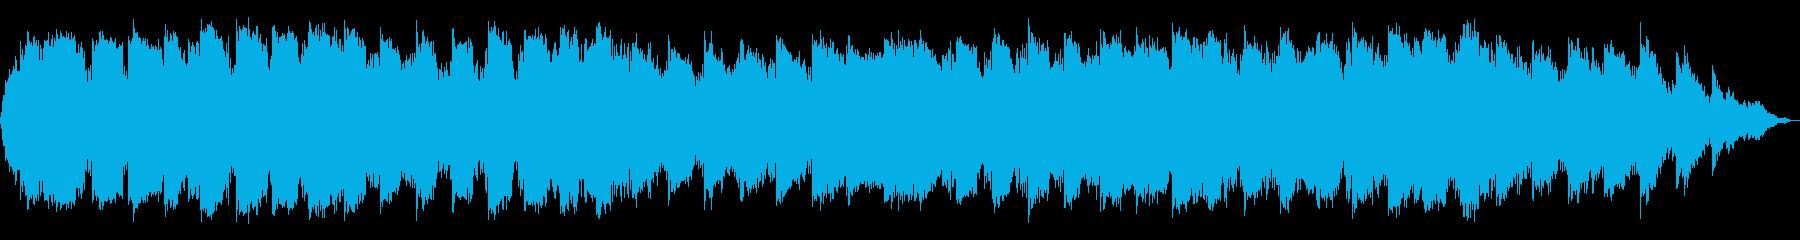 シンセサイザーとケーナの静かな音楽の再生済みの波形